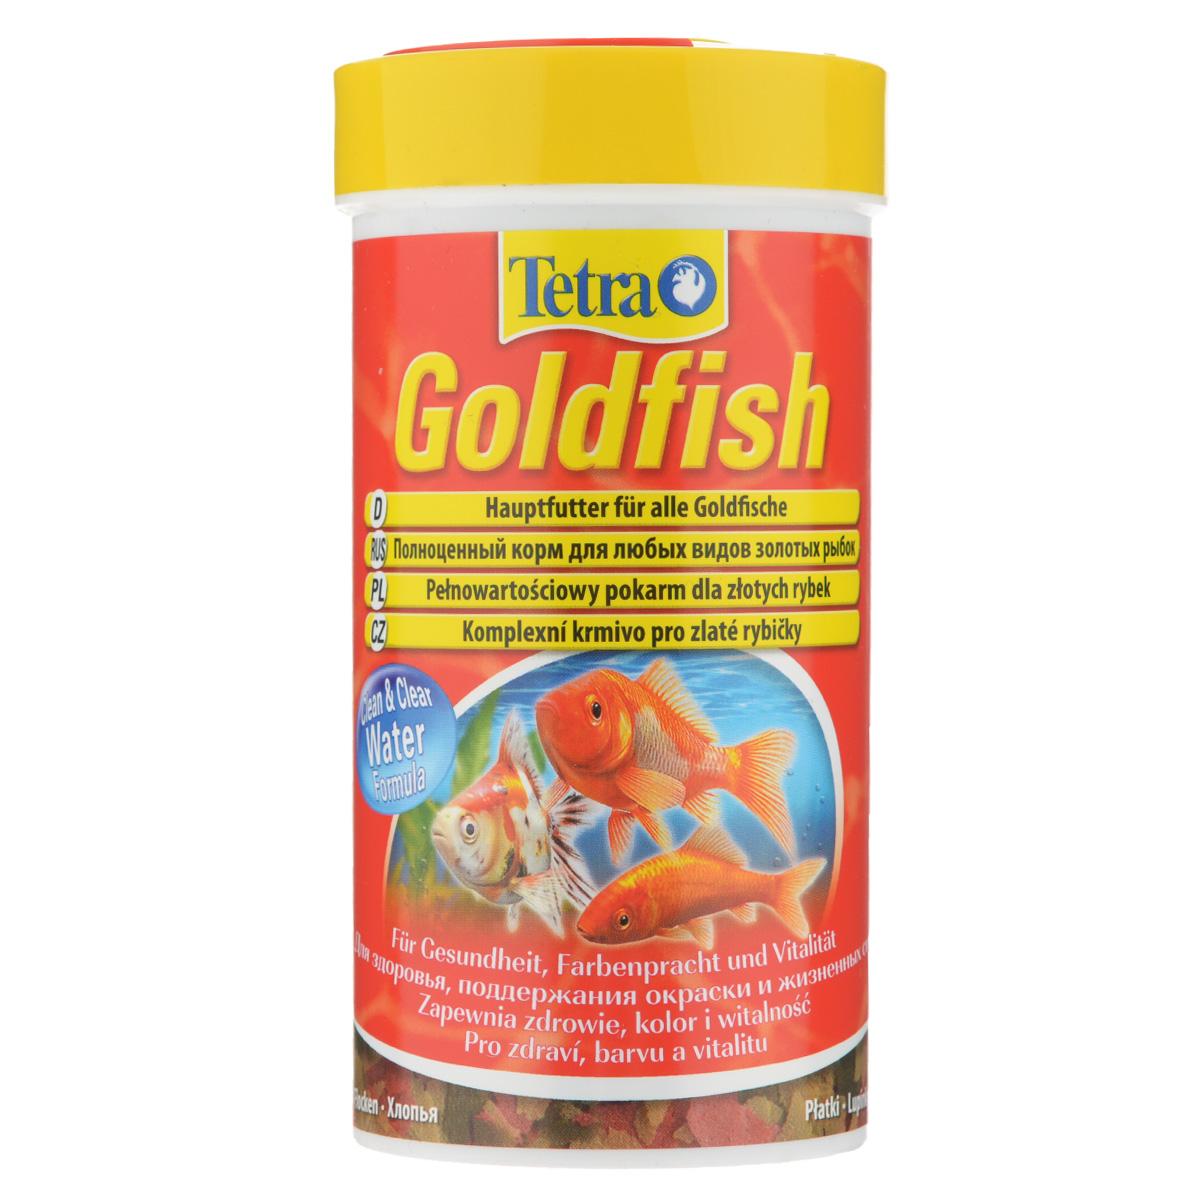 Корм Tetra Goldfish для любых видов золотых рыбок, в виде хлопьев, 250 мл0120710Корм Tetra Goldfish - высококачественный сбалансированный питательный корм в виде хлопьев для всех видов золотых рыбок. Для здоровья, поддержания окраски и жизненных сил. Особенности Tetra Goldfish:разнообразное питание, которое достигается за счет оптимально подобранного состава хлопьев,содержит все необходимые питательные вещества и микроэлементы,улучшает здоровье, жизненную силу и богатство красок,с запатентованной формулой BioActive- для продолжительной и здоровой жизни ваших питомцев,с формулой Clean & Clear Water: улучшает усваиваемость корма и сокращает количество экскрементов рыб - для чистой и прозрачной аквариумной воды.Рекомендации по кормлению: кормите несколько раз в день маленькими порциями. Характеристики: Состав: рыба и побочные рыбные продукты, экстракты растительного белка, зерновые культуры, дрожжи, моллюски и раки, масла и жиры, водоросли, сахар.Пищевая ценность: сырой белок - 42%, сырые масла и жиры - 11%, сырая клетчатка - 2%, влага - 6,5%.Добавки: витамины, провитамины и химические вещества с аналогичным воздействием: витамин А 29100 МЕ/кг, витамин Д3 1820 МЕ/кг. Комбинации элементов: Е5 Марганец 17 мг/кг, Е6 Цинк 10 мг/кг, Е1 Железо 7 мг/кг, Е3 Кобальт 0,1 мг/кг. Красители, консерванты, антиоксиданты. Вес: 250 мл (52 г).